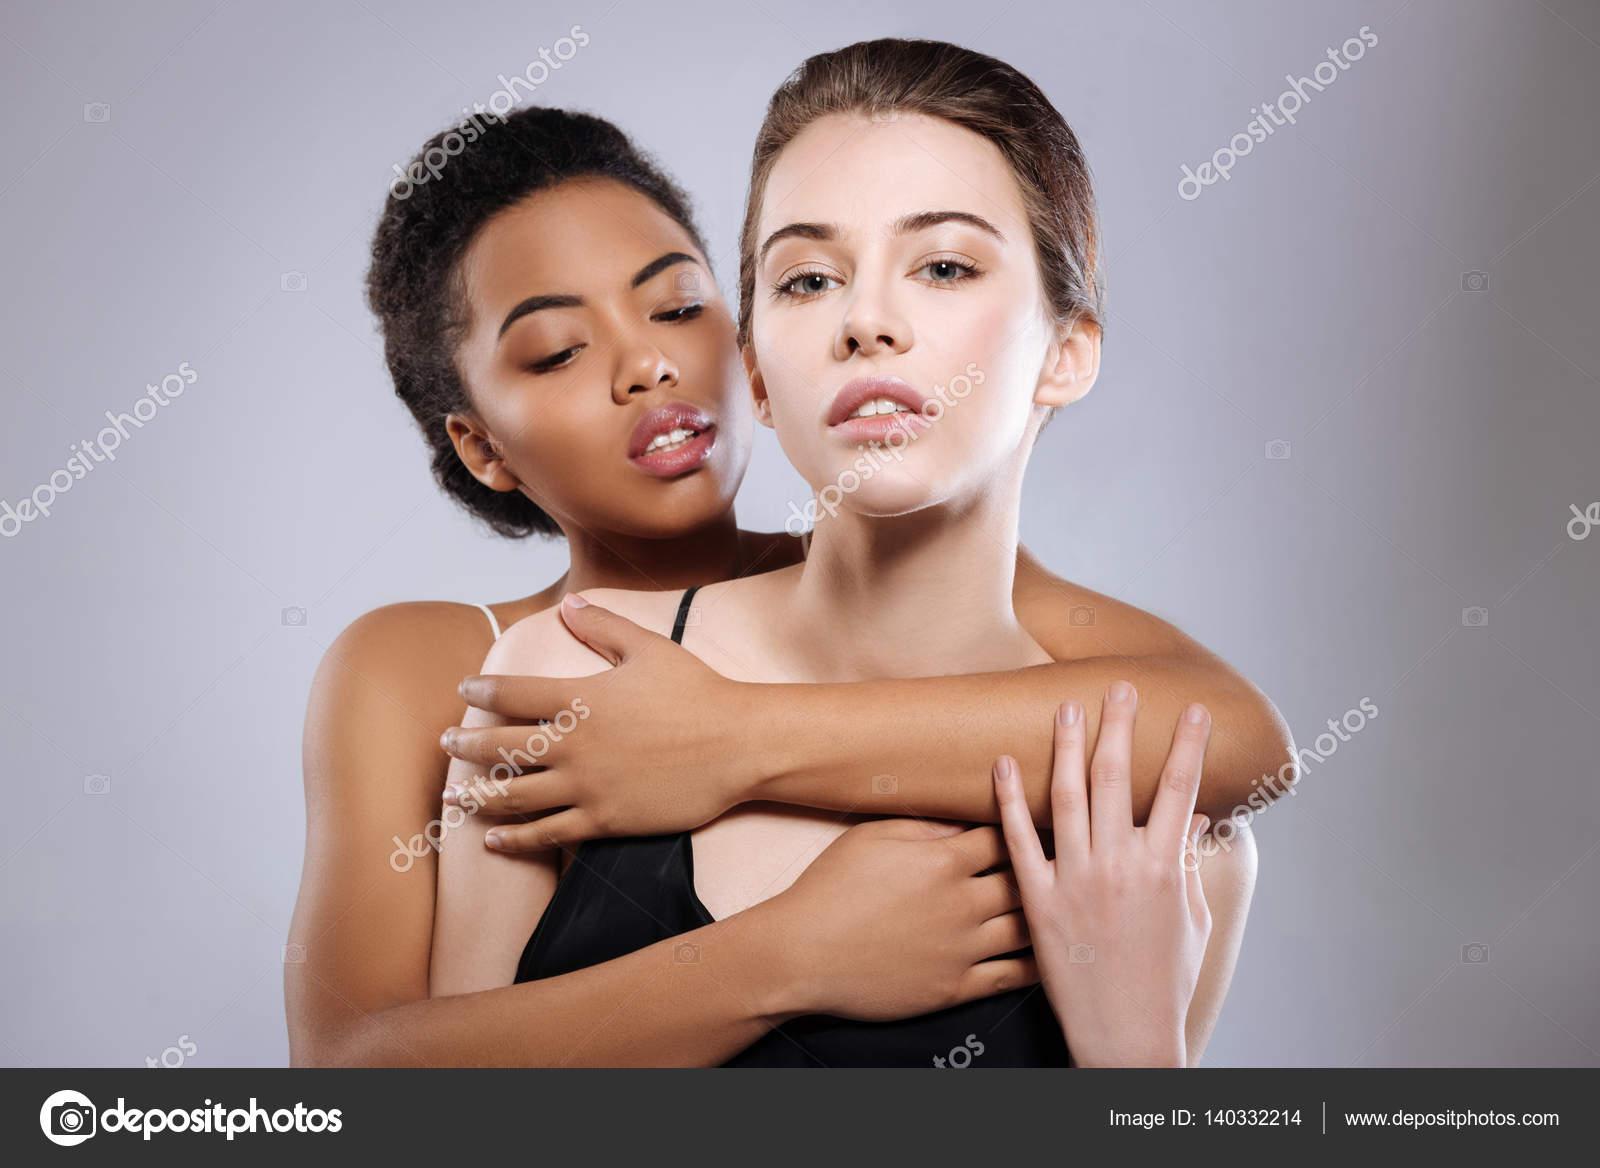 σέξι λεσβία σαγηνεύει φίλος έβενο με υγρό μουνί